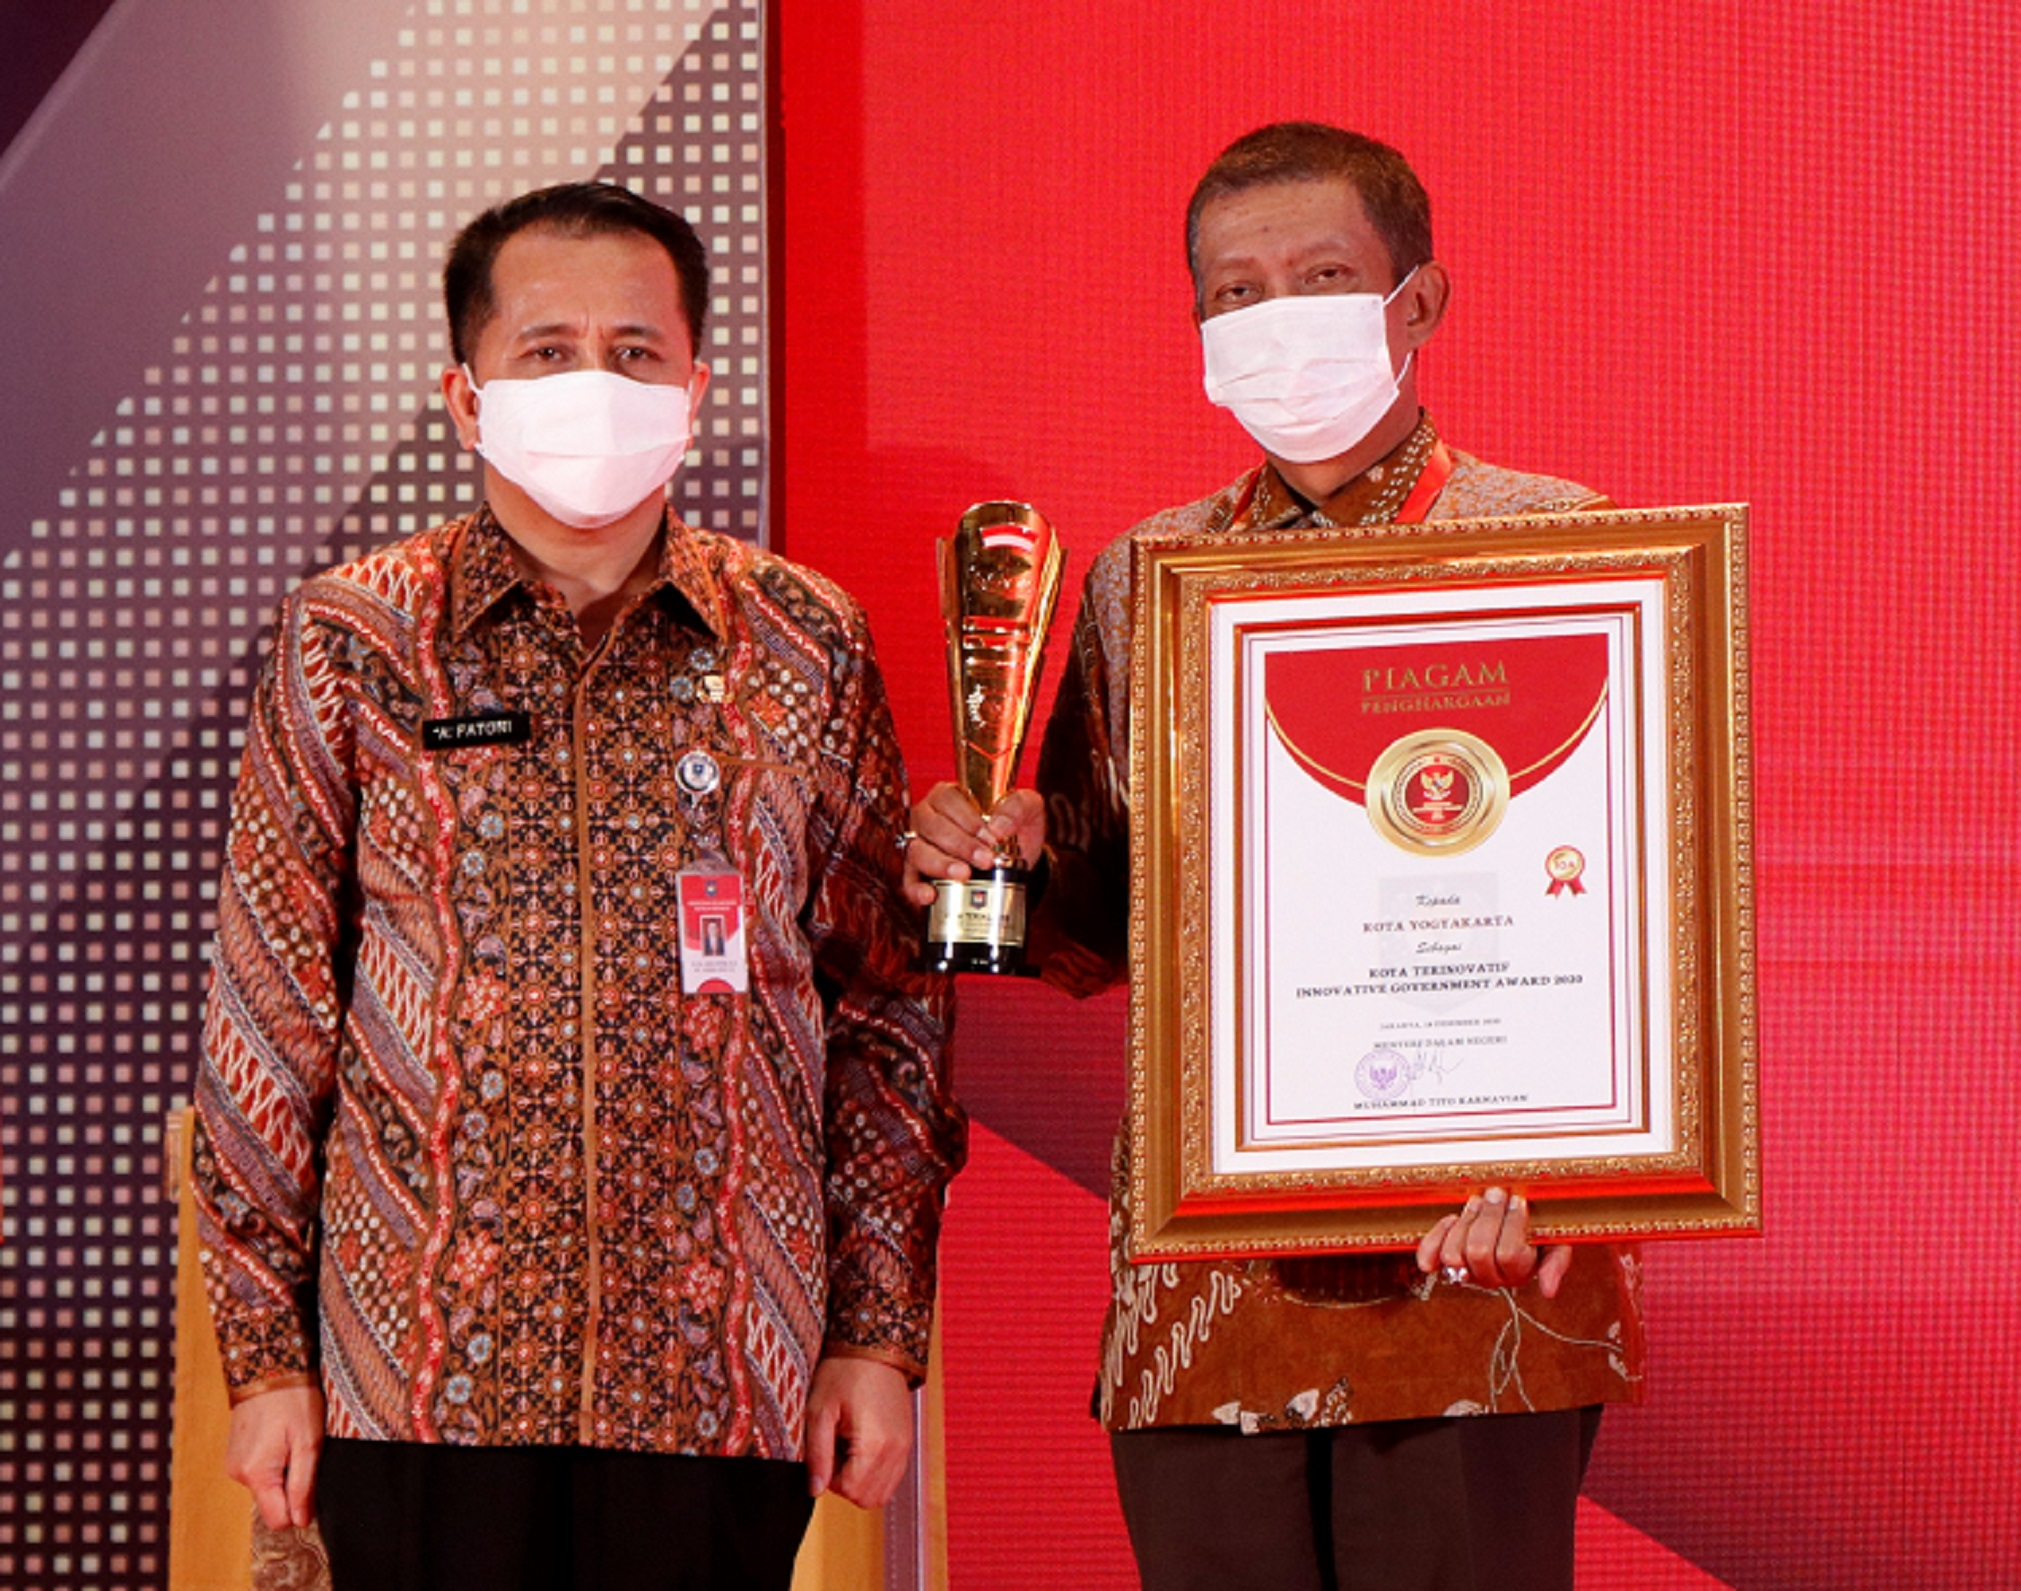 Kota Yogyakarta peroleh penghargaan sebagai Kota Innovatif dalam IGA 2020